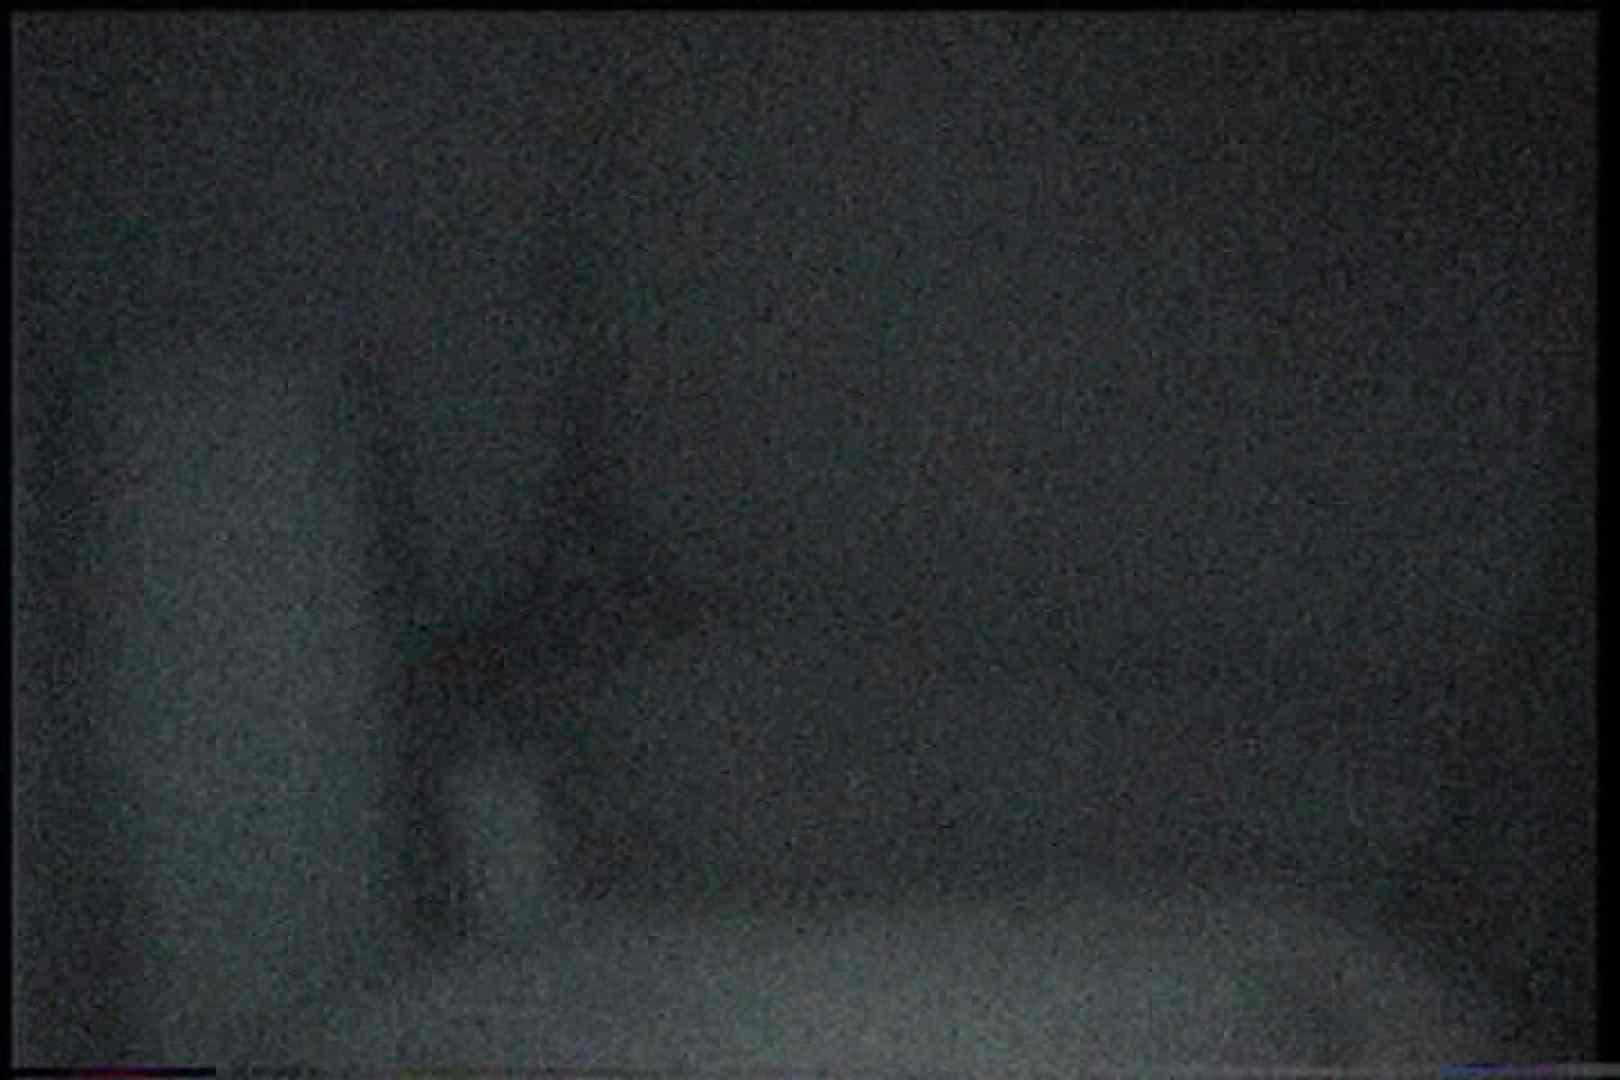 充血監督の深夜の運動会Vol.181 OLセックス 盗撮オマンコ無修正動画無料 84画像 57